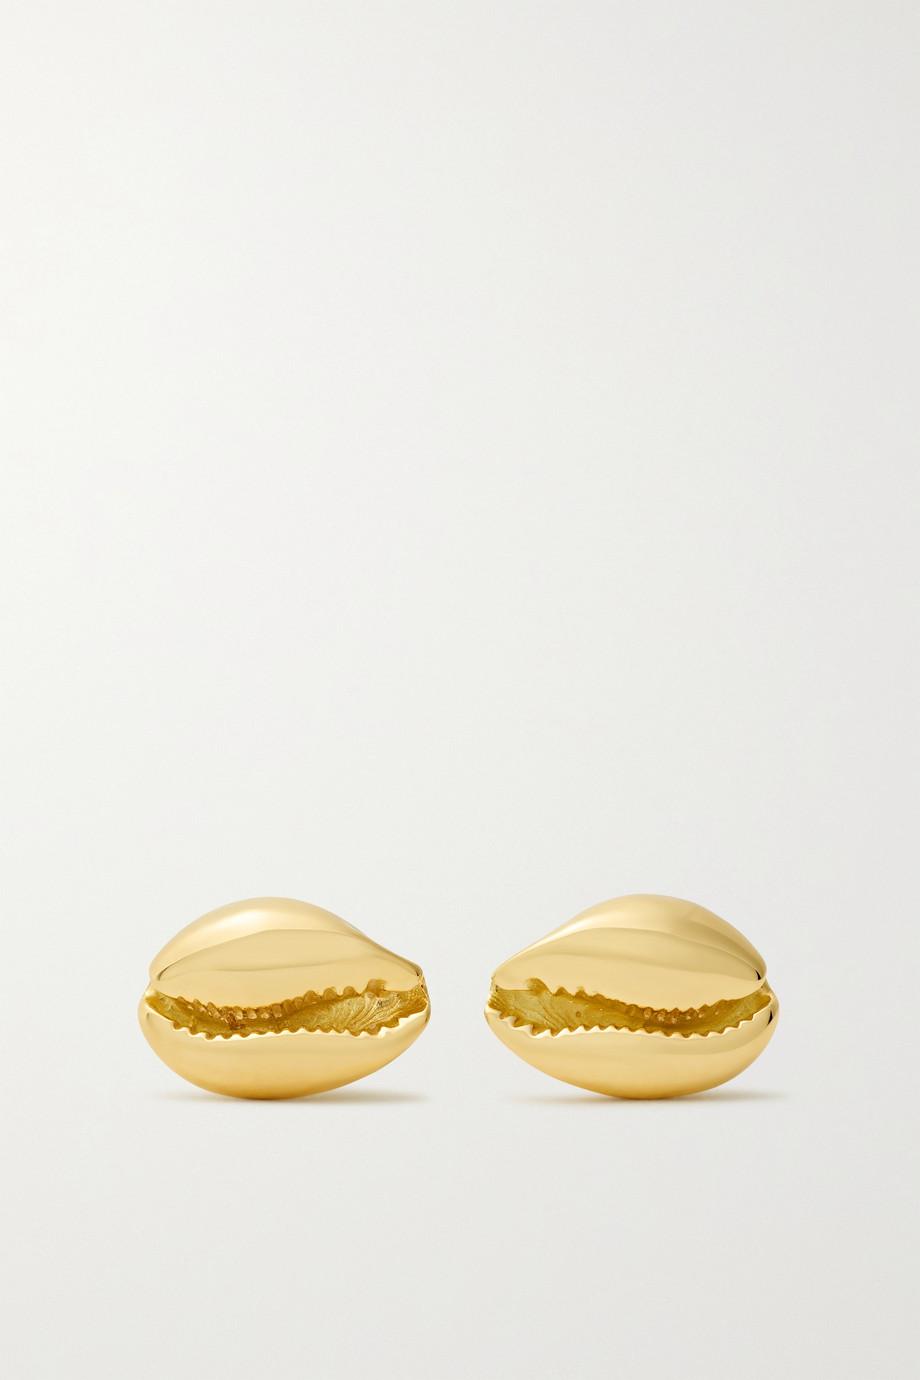 ALMASIKA Boucles d'oreilles en or 18 carats Le Petit Cauri